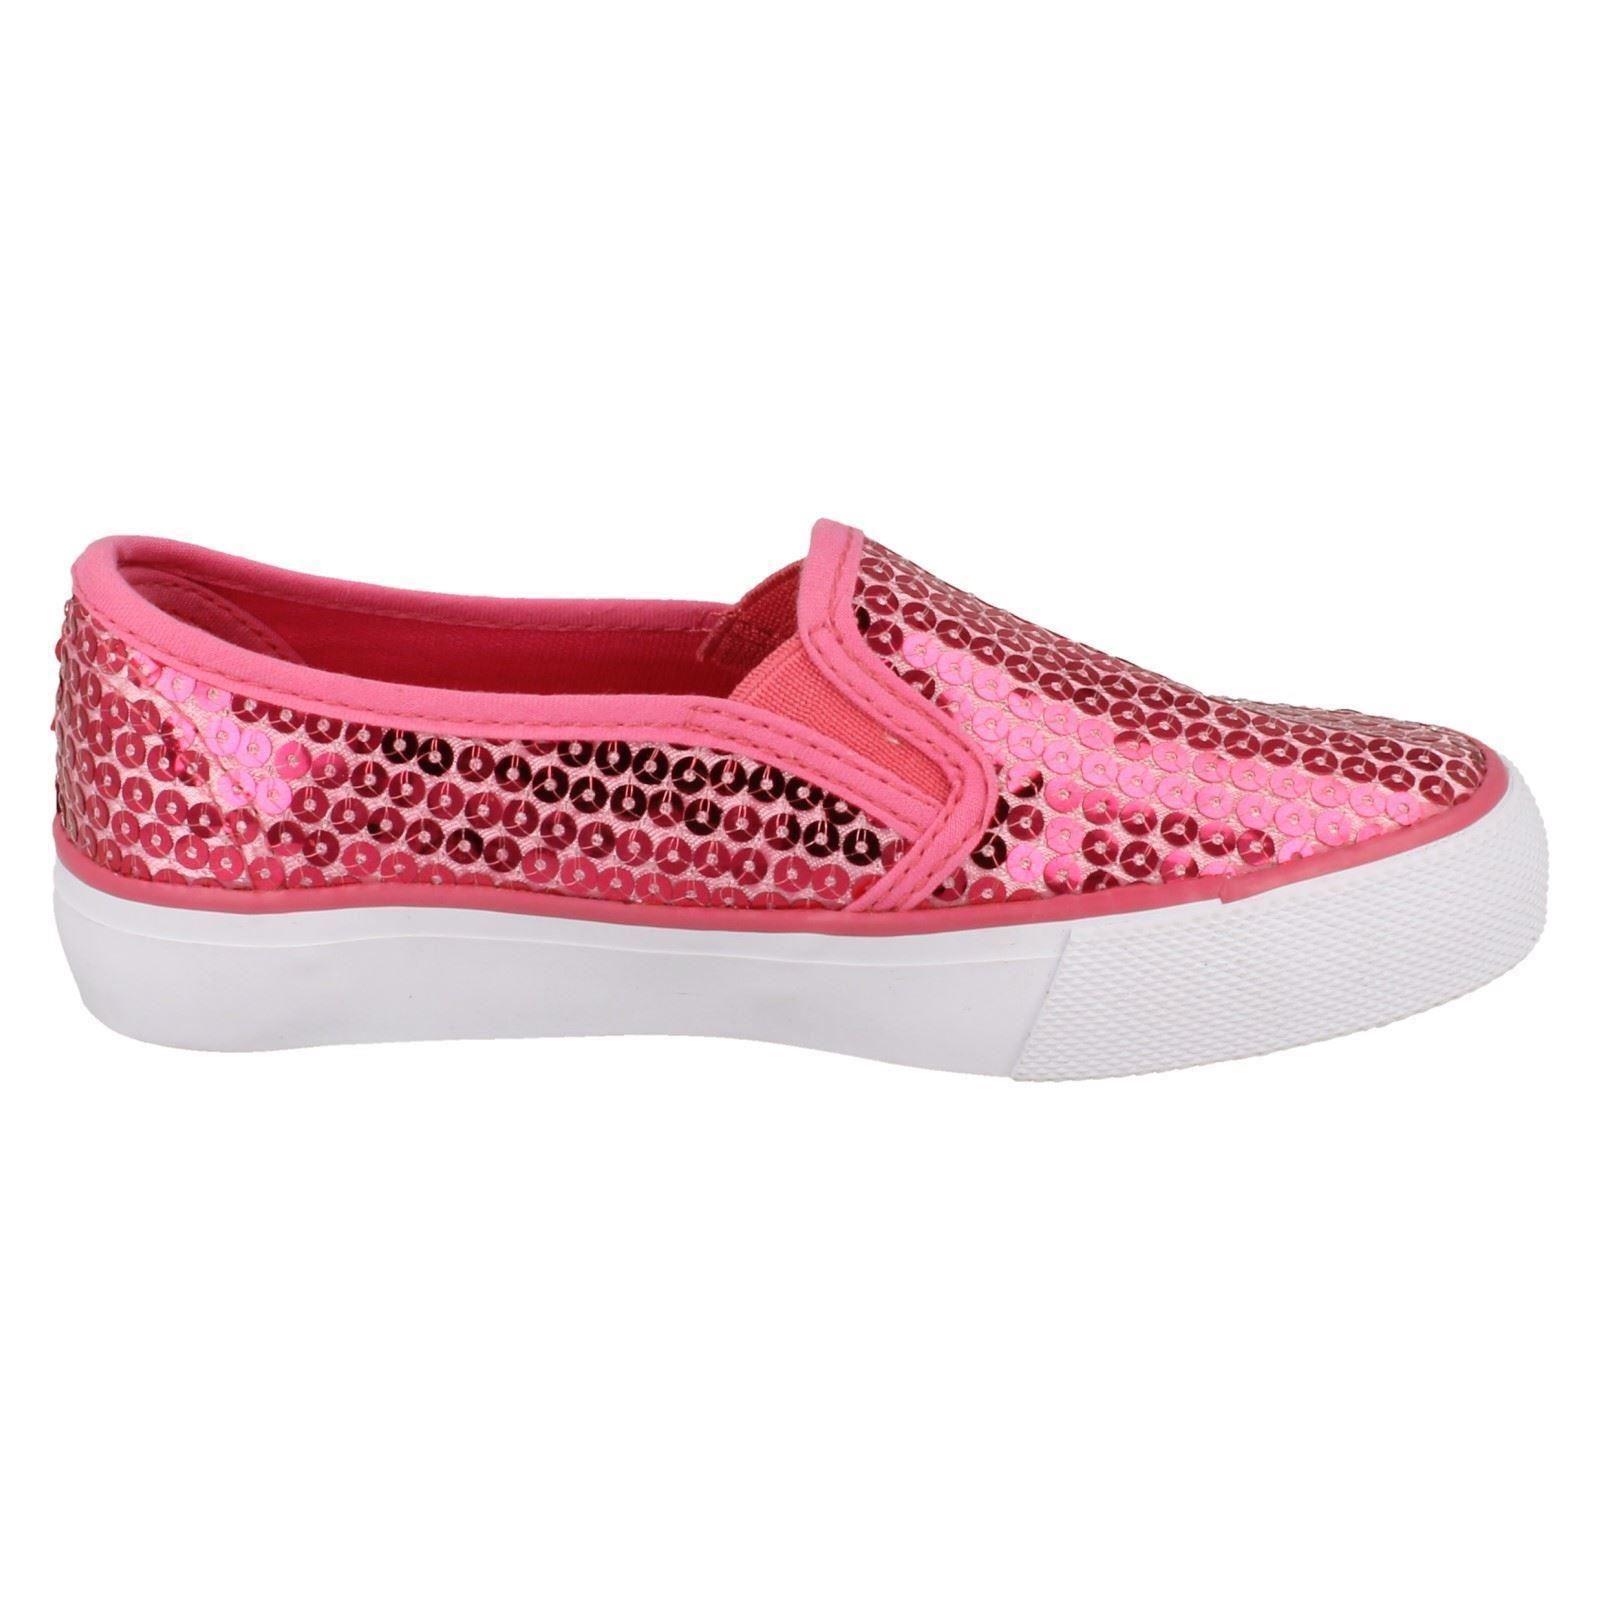 Niñas Punto en Casual Zapatos Slip On-con lentejuelas